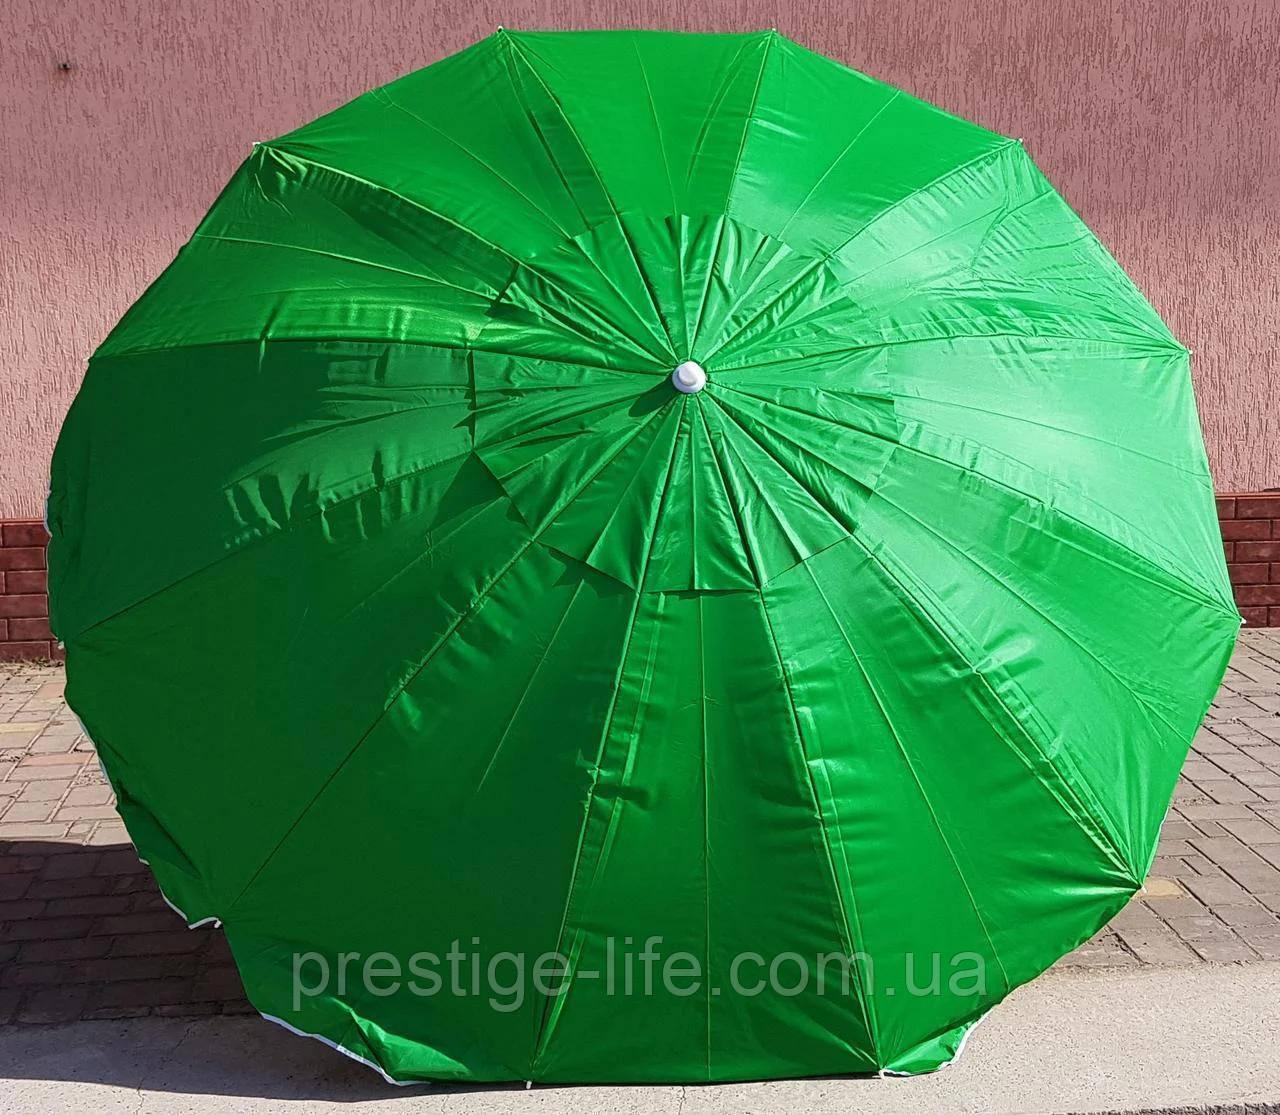 Садовой, торговый, пляжный Зонт диаметром 3,5 м. 12 спиц. Зелёный